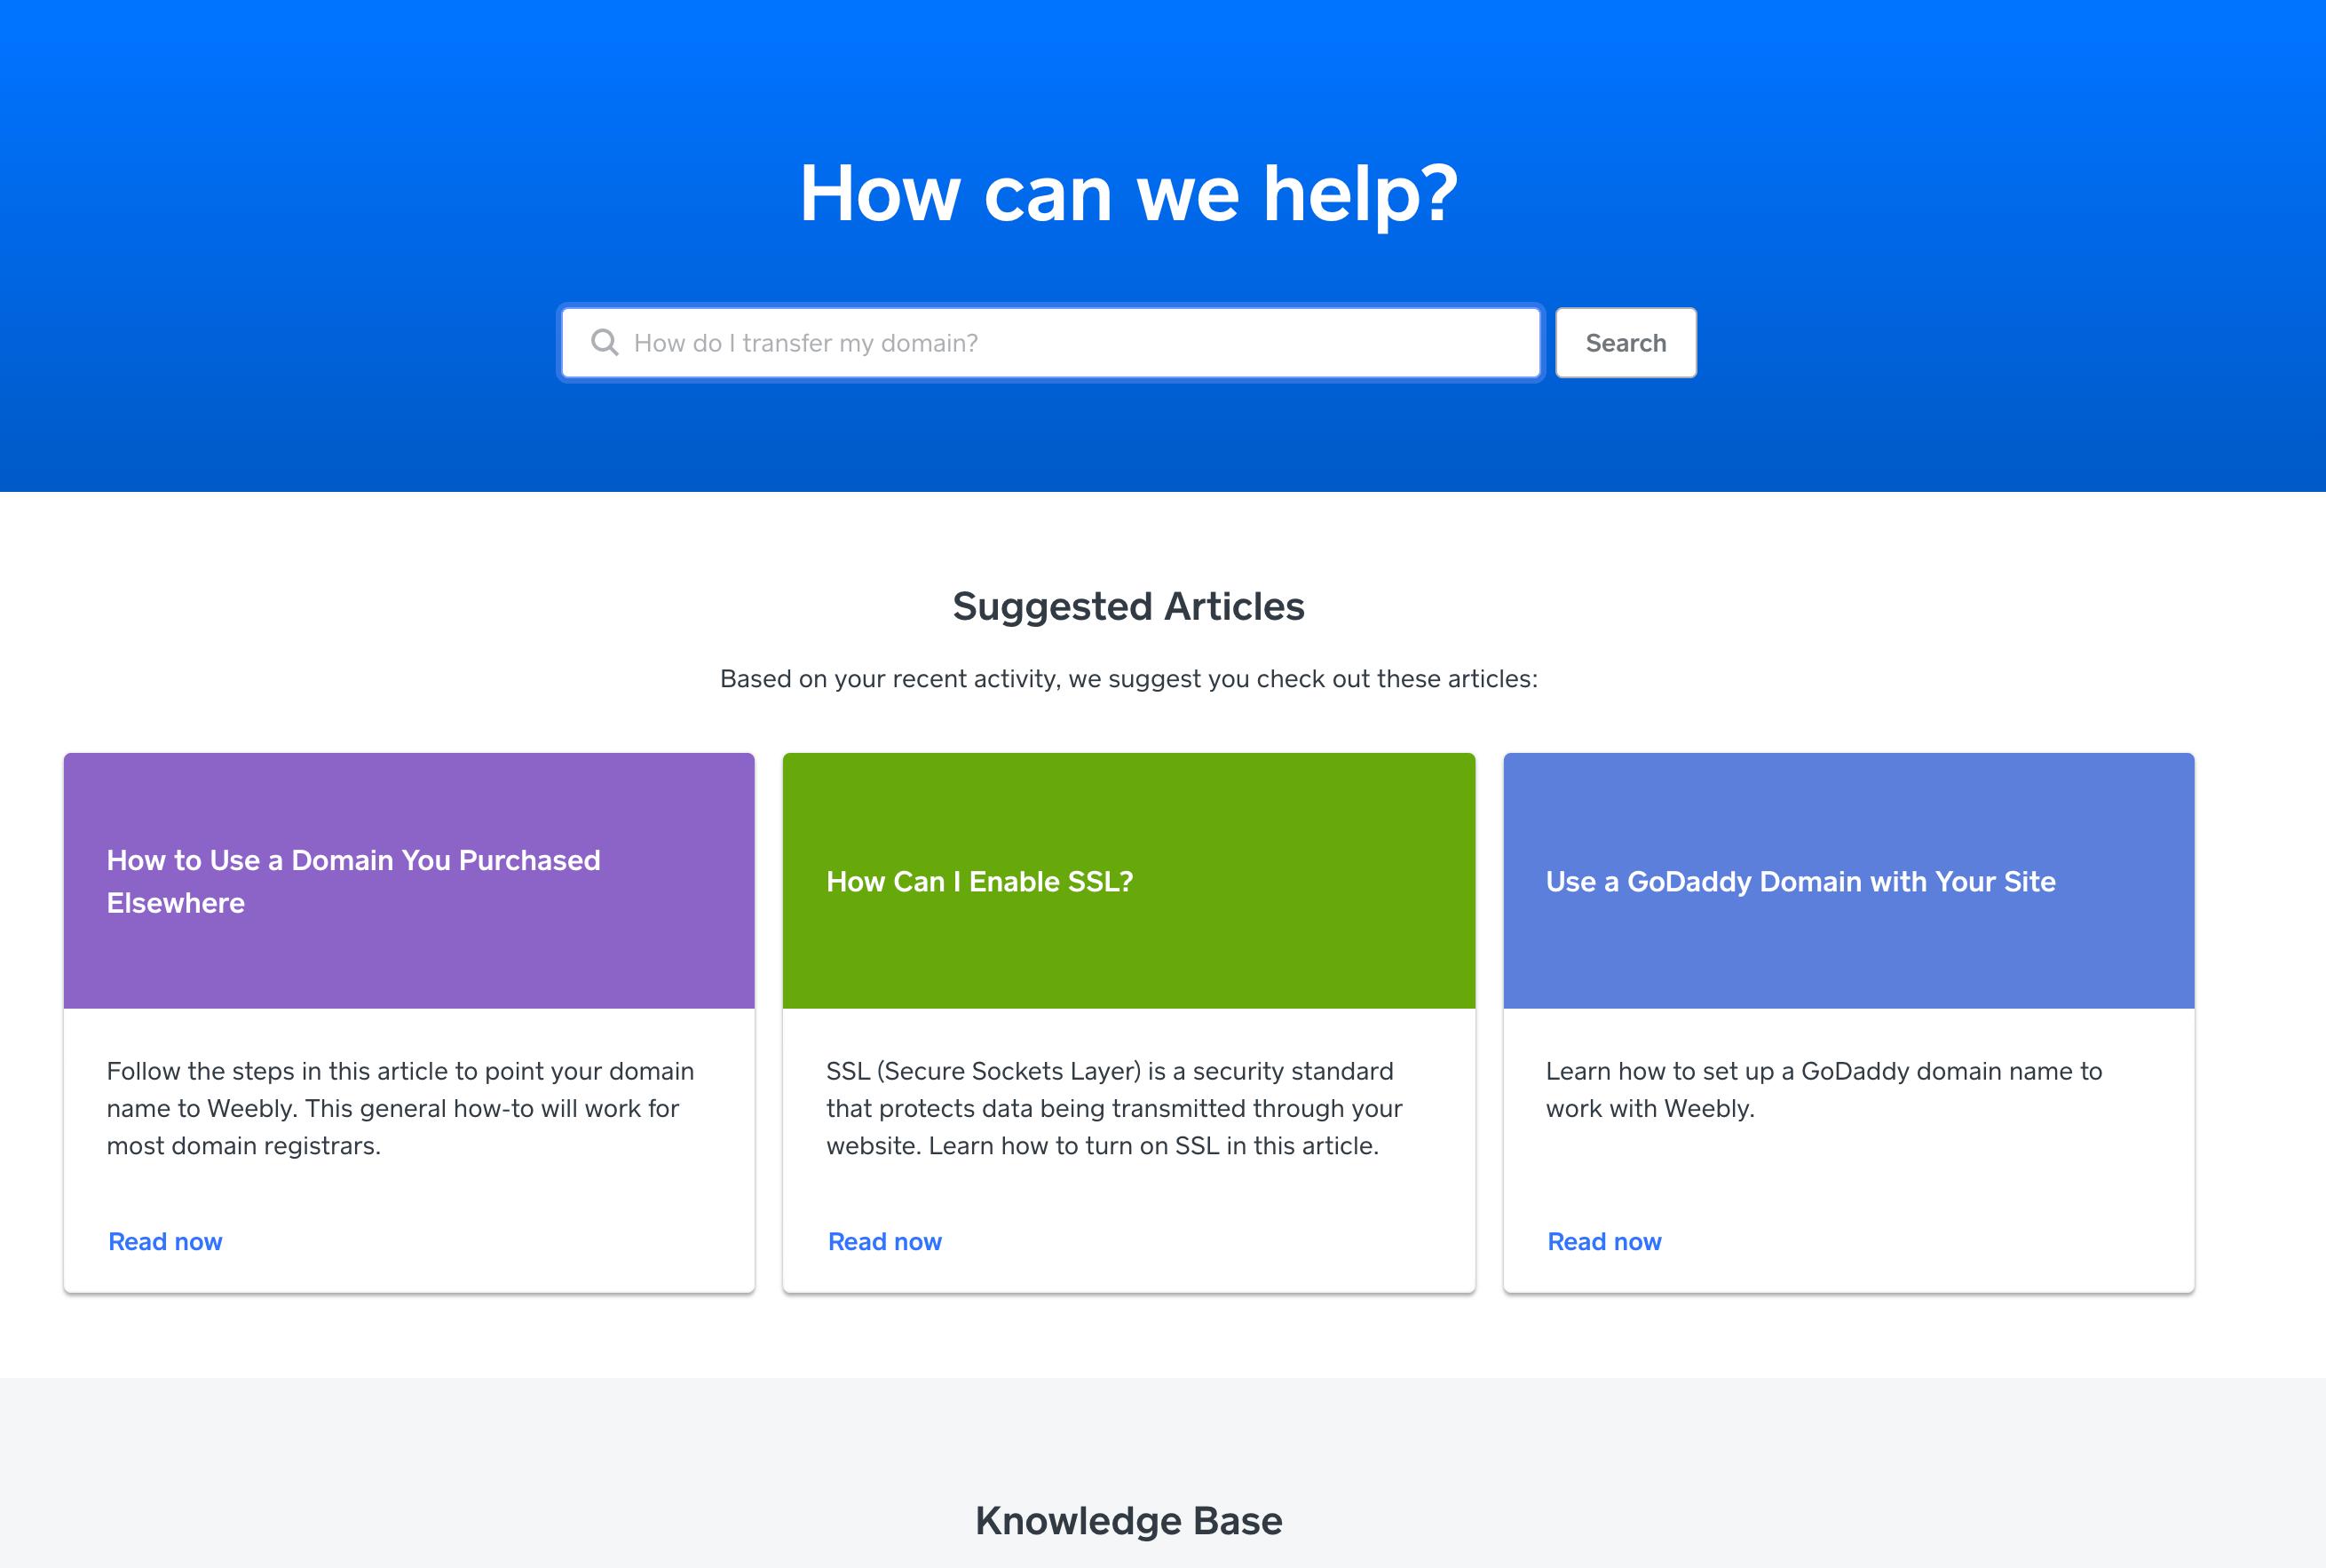 Página principal de soporte de Weebly